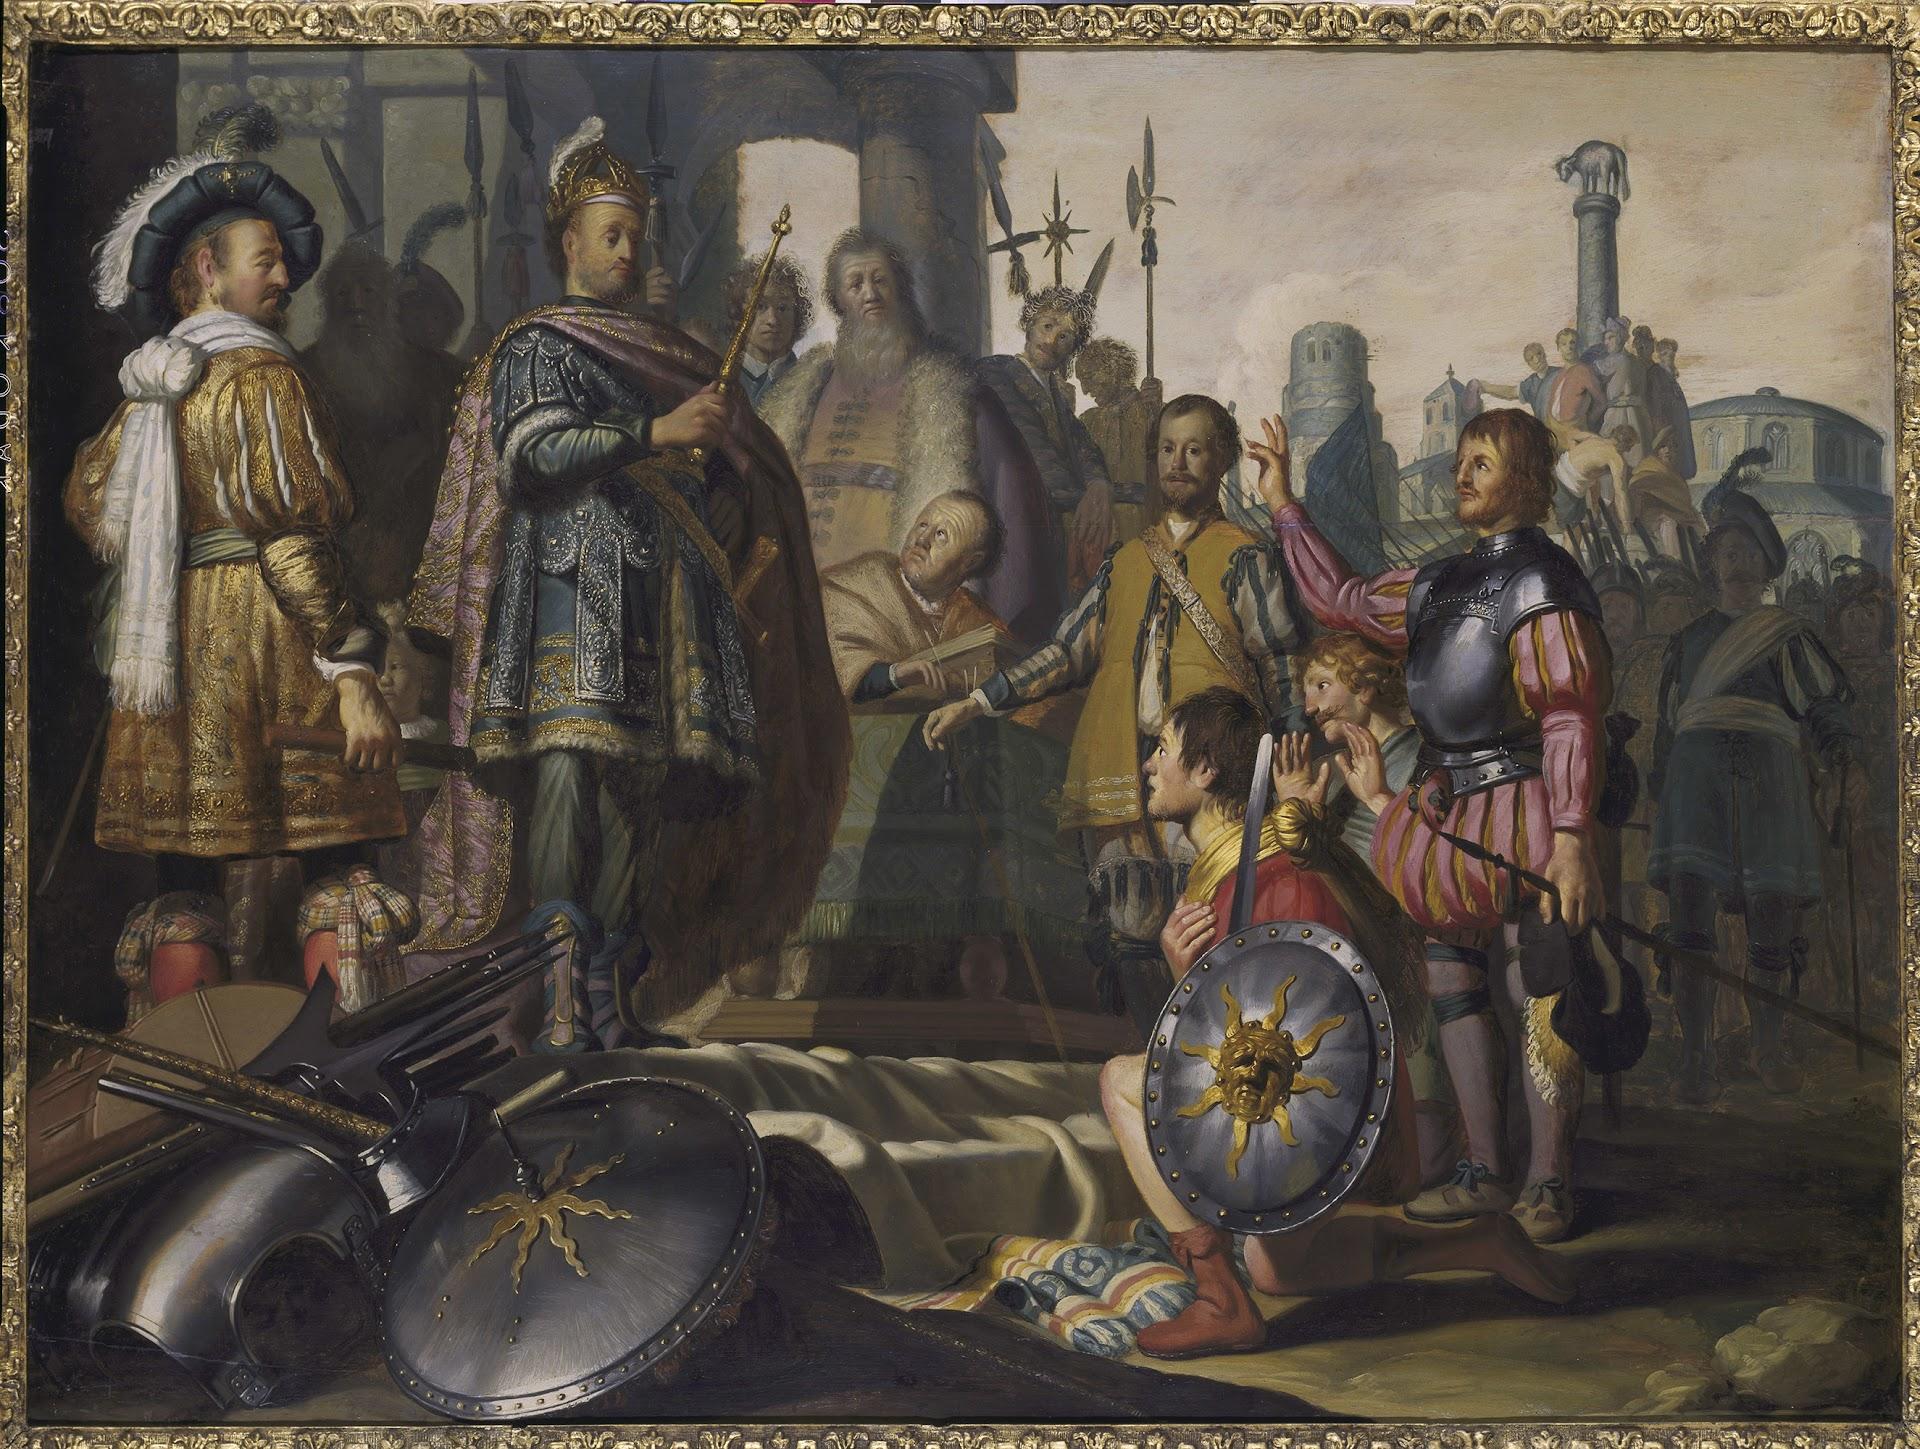 HISTORIESTUK MET ZELFPORTRET VAN DE SCHILDER